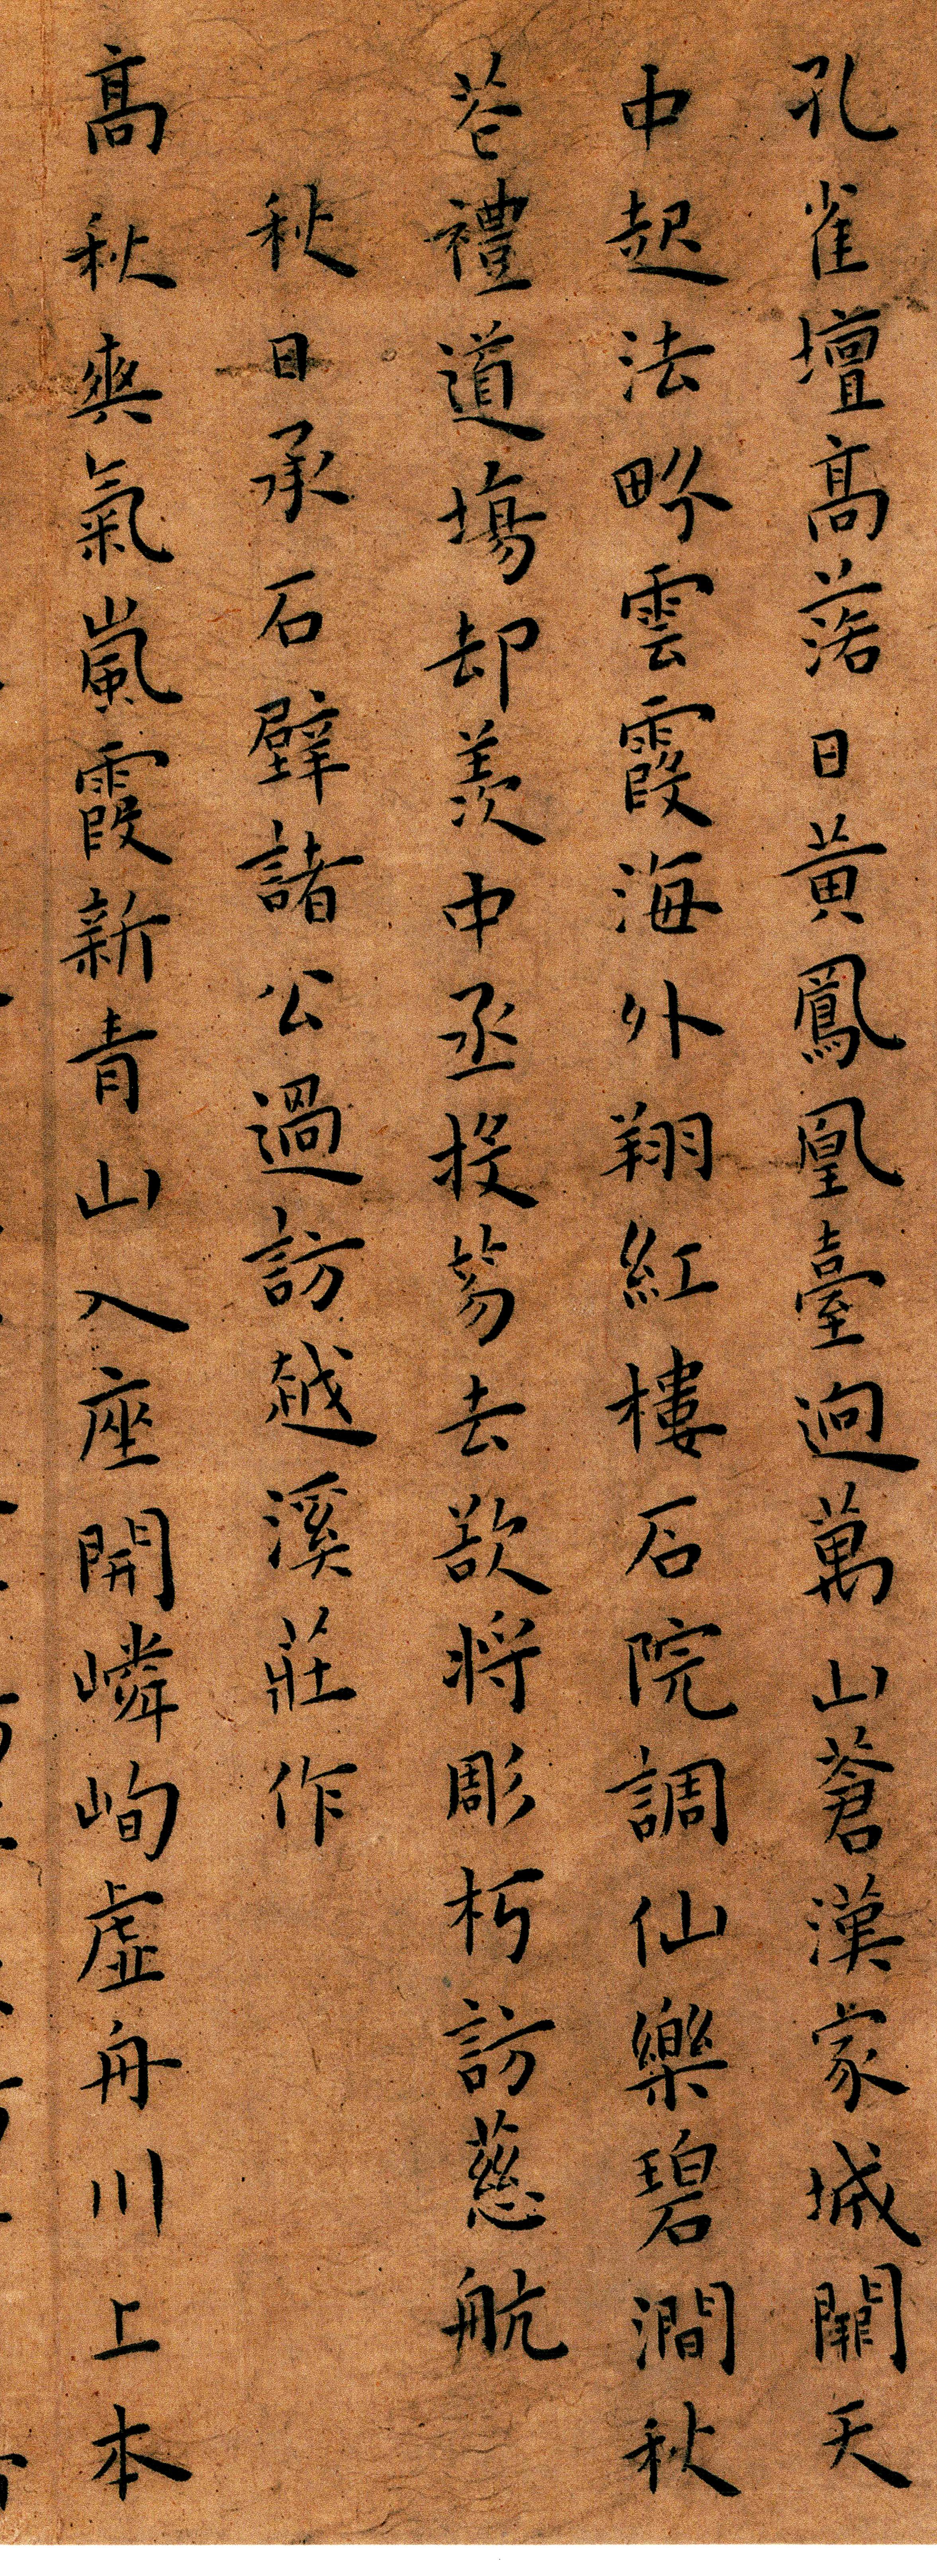 明代小楷当中的极品,这么好的字,在整个书法史上也不多见